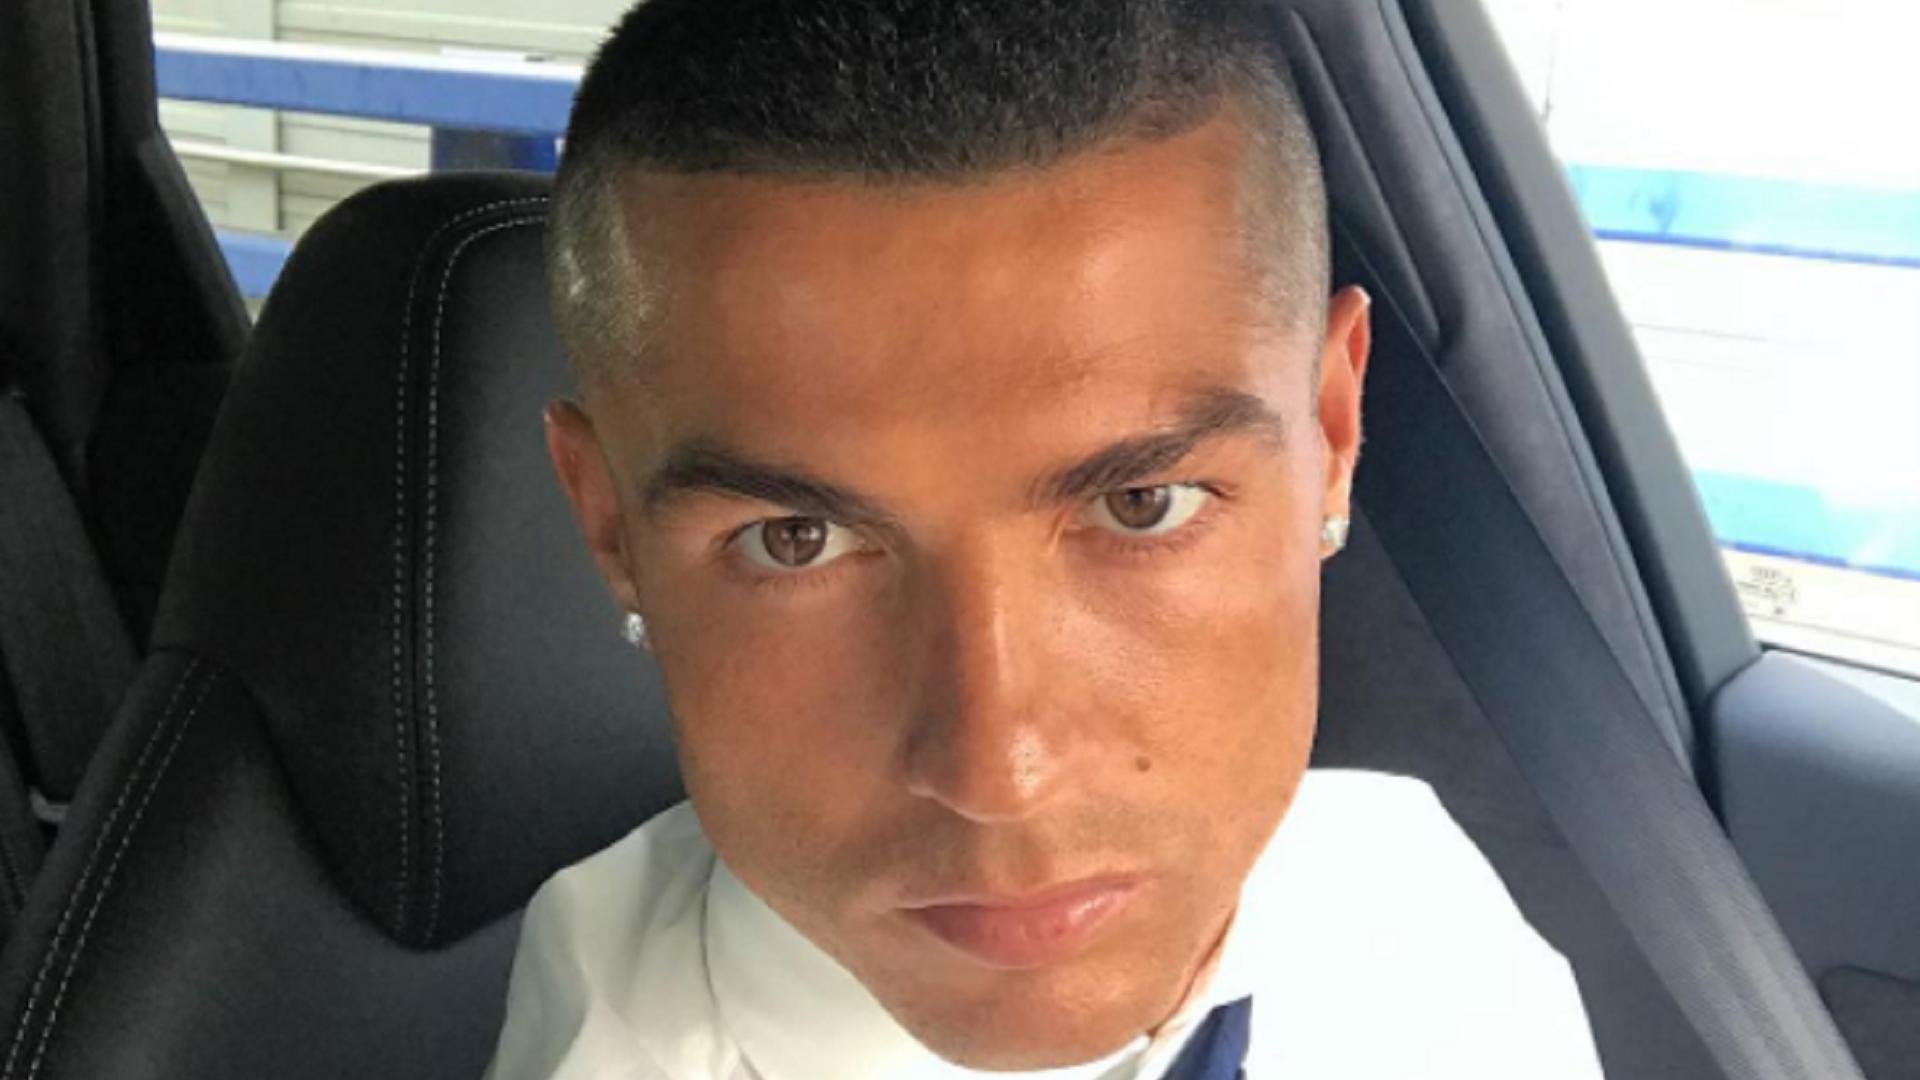 Taglio capelli ronaldo fenomeno